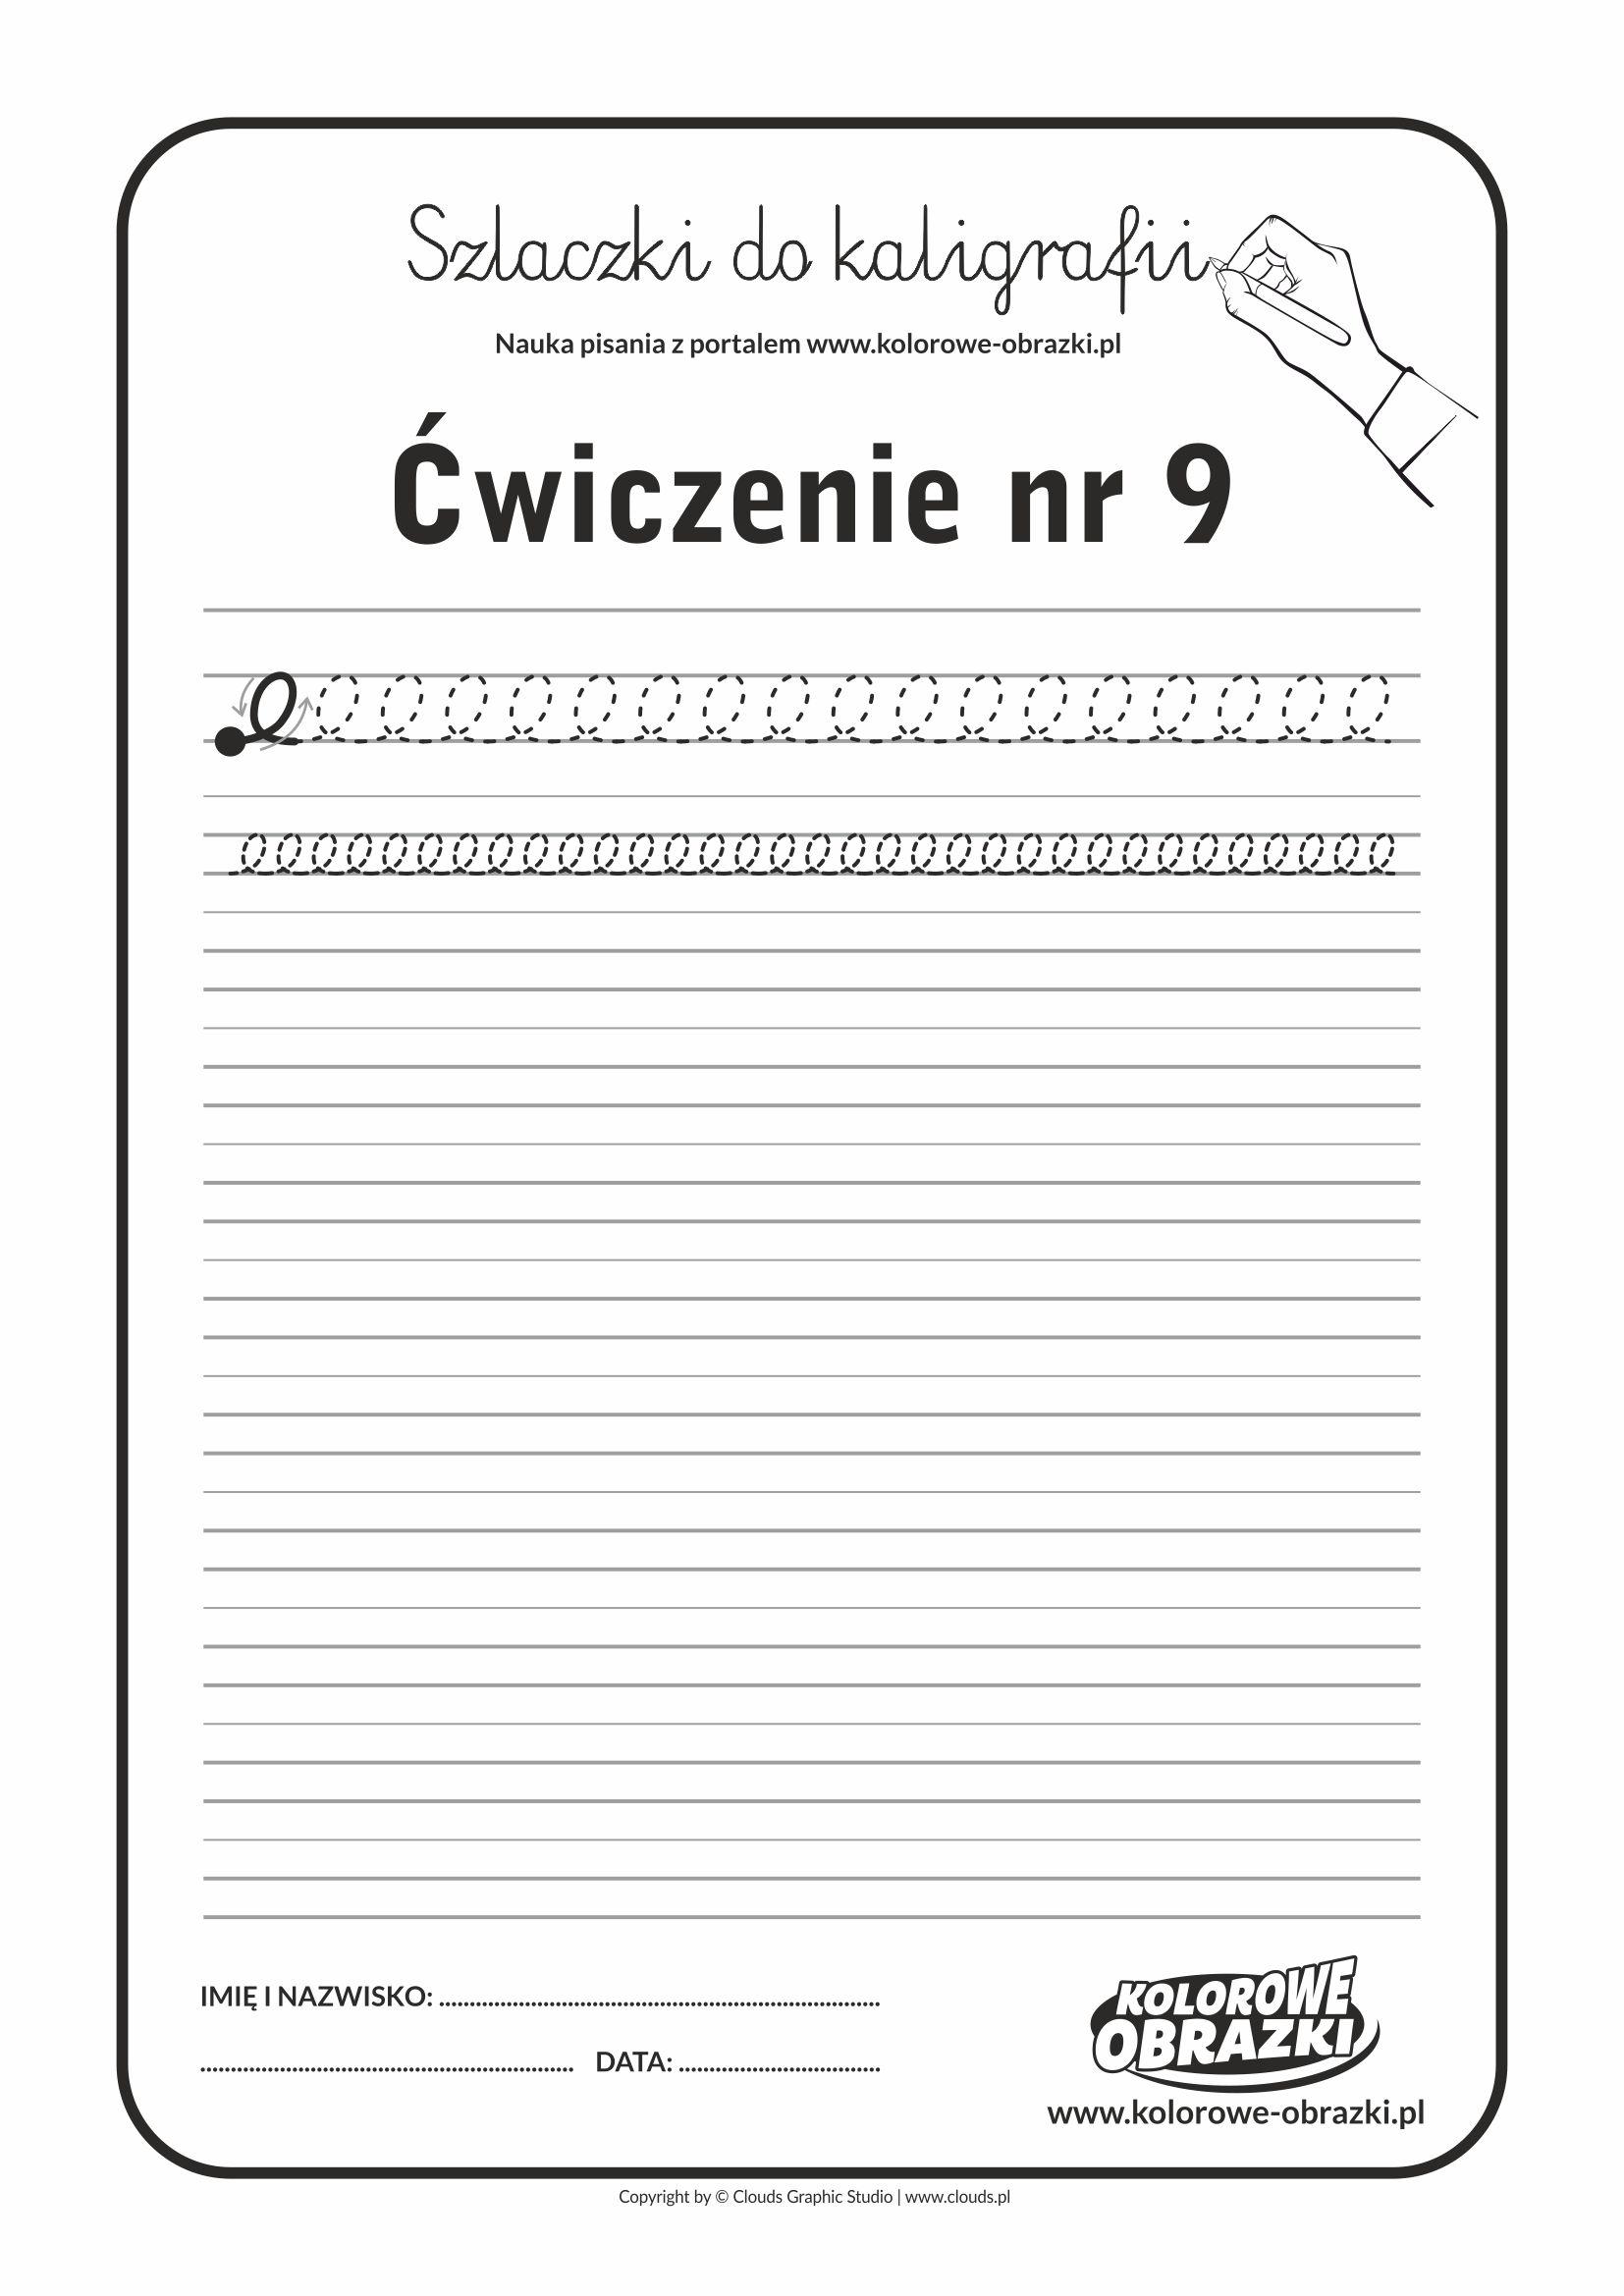 Kaligrafia dla dzieci - Ćwiczenia kaligraficzne / Szlaczki / Ćwiczenie nr 9